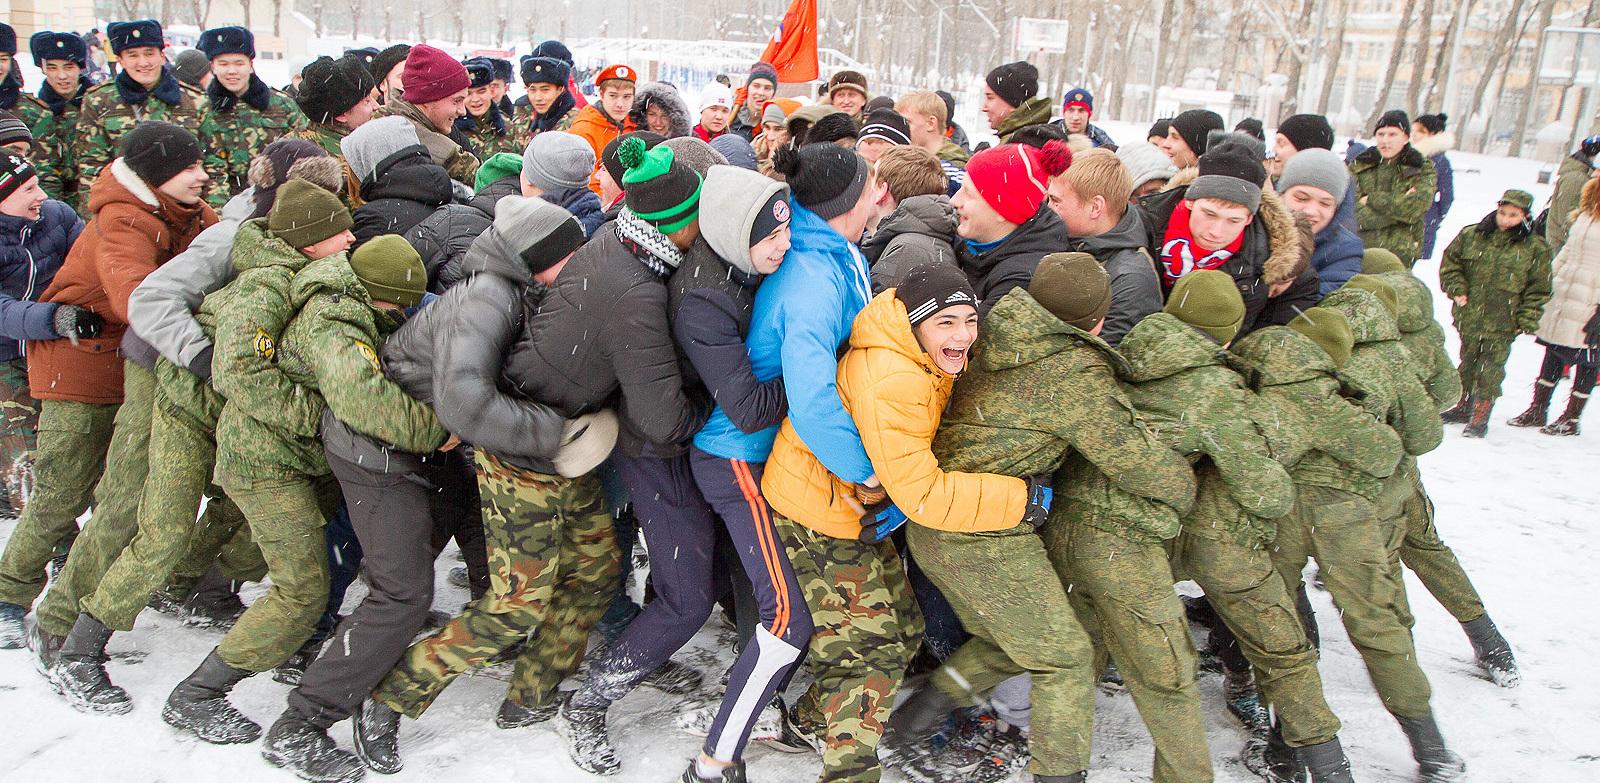 Как казаки детей патриотизму учили: фоторепортаж с соревнования юнармейцев в Суворовском училище